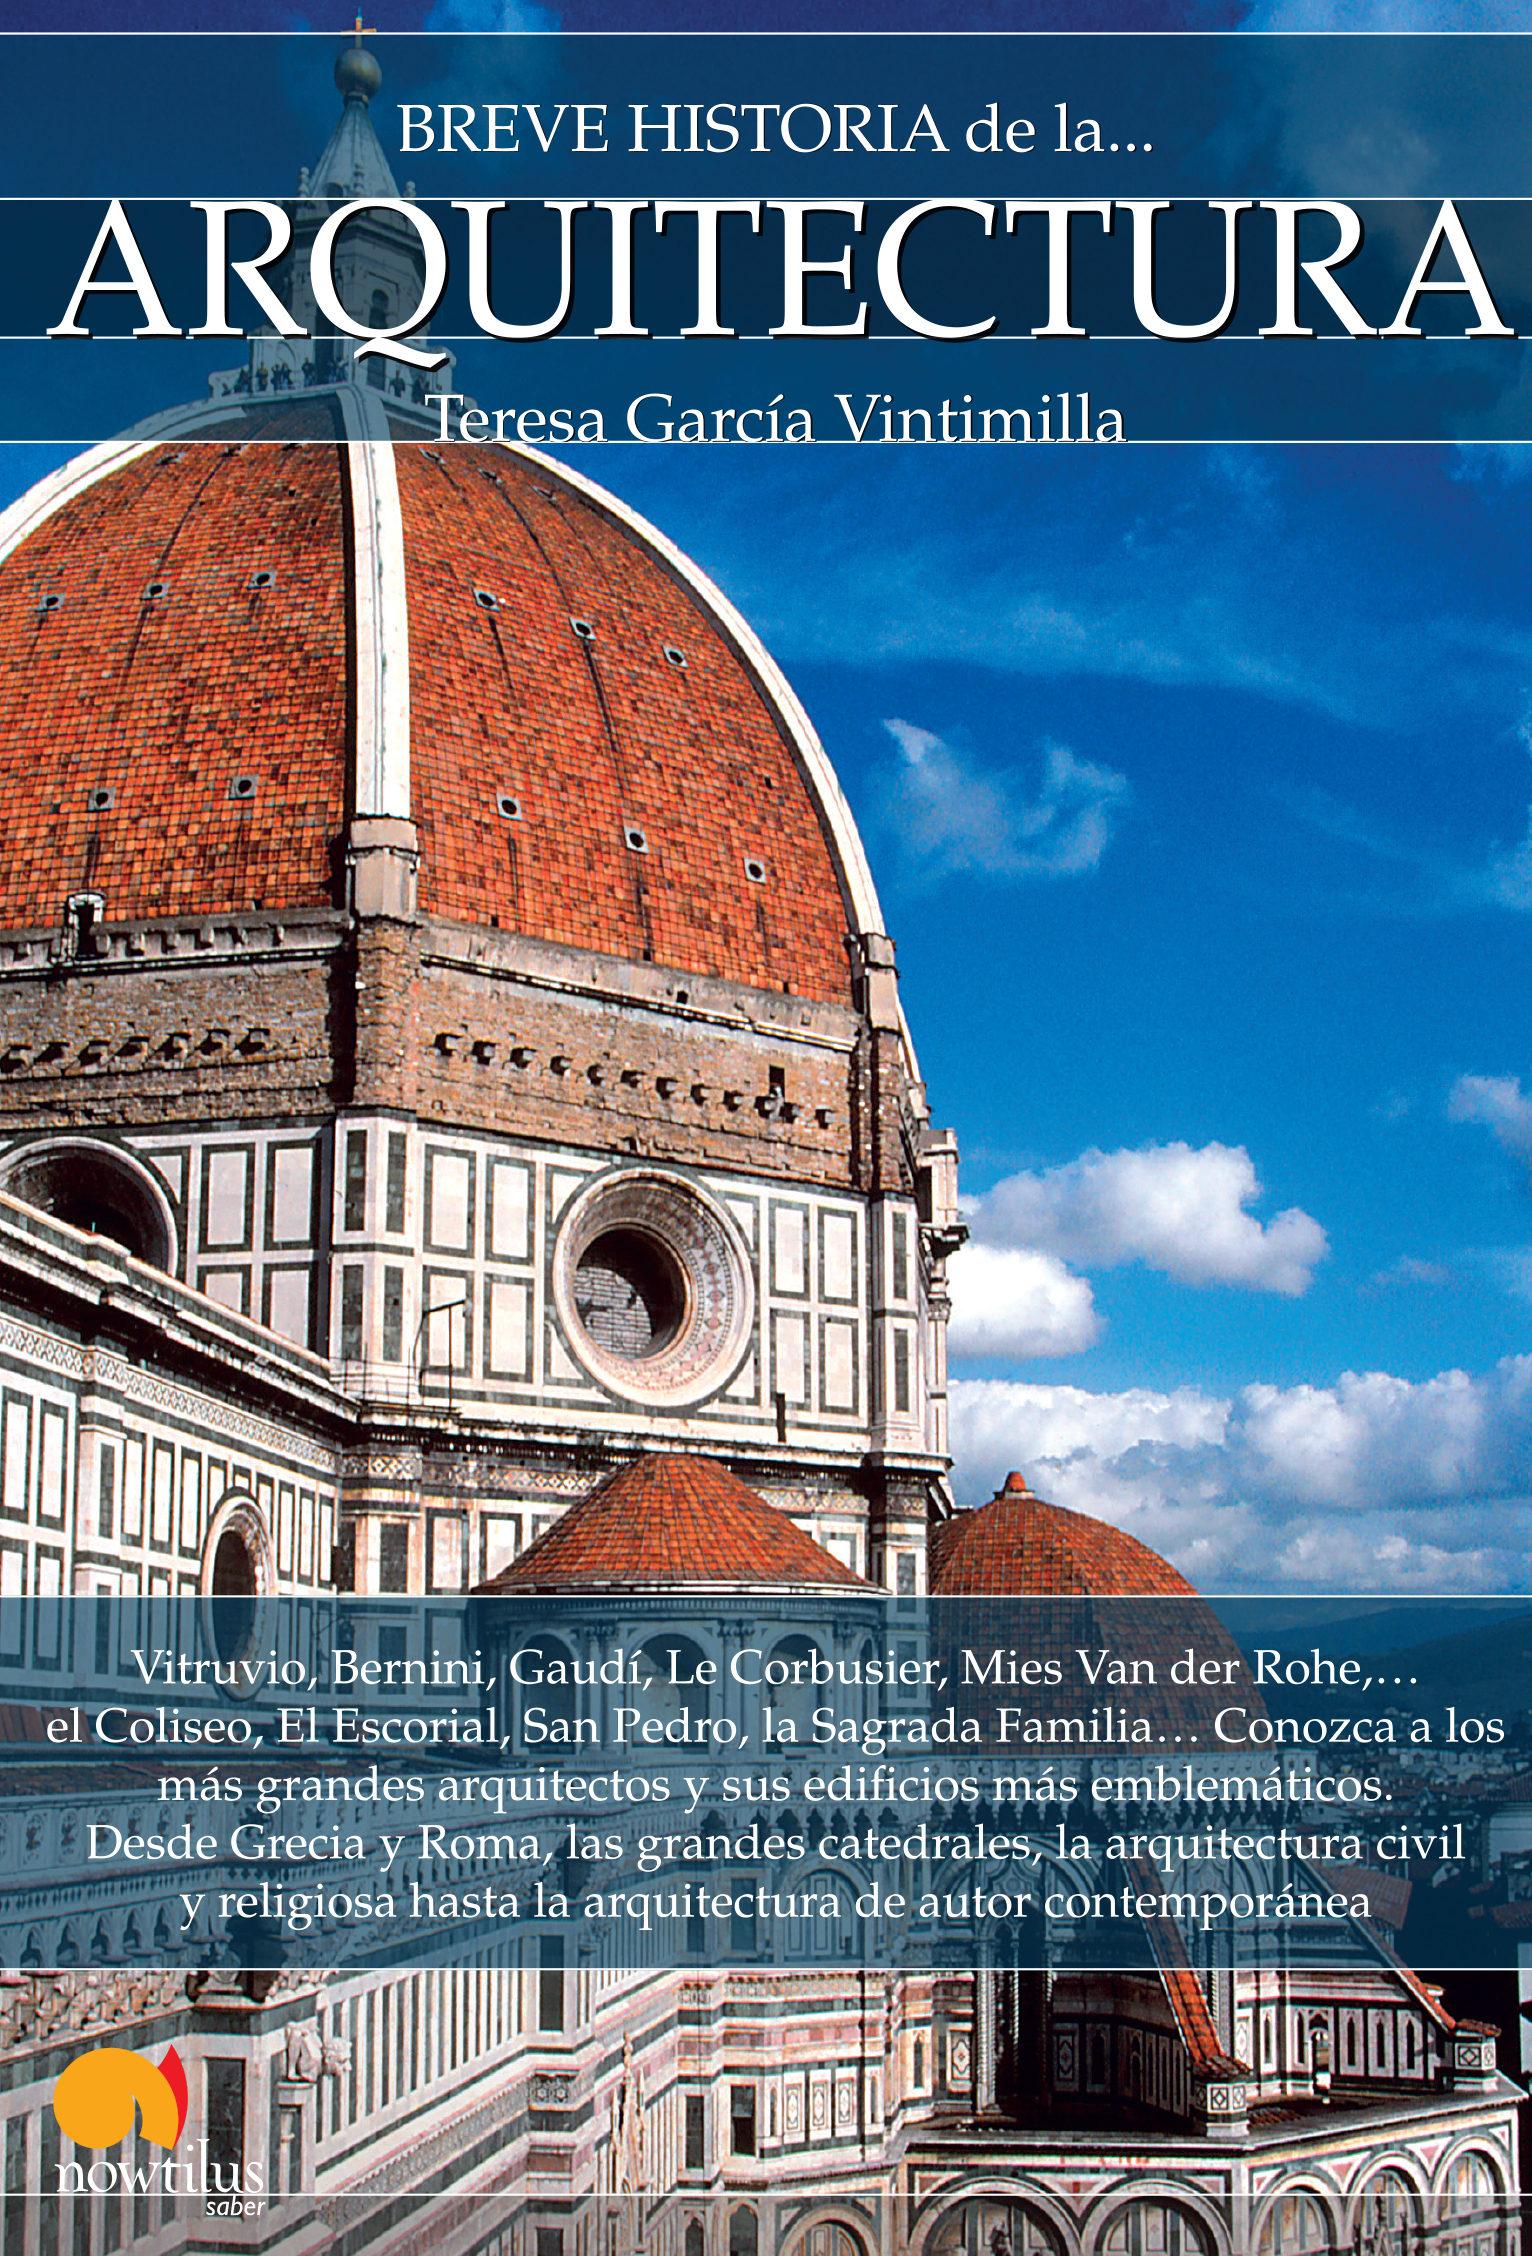 Breve Historia De La Arquitectura Teresa Garcia Vintimilla